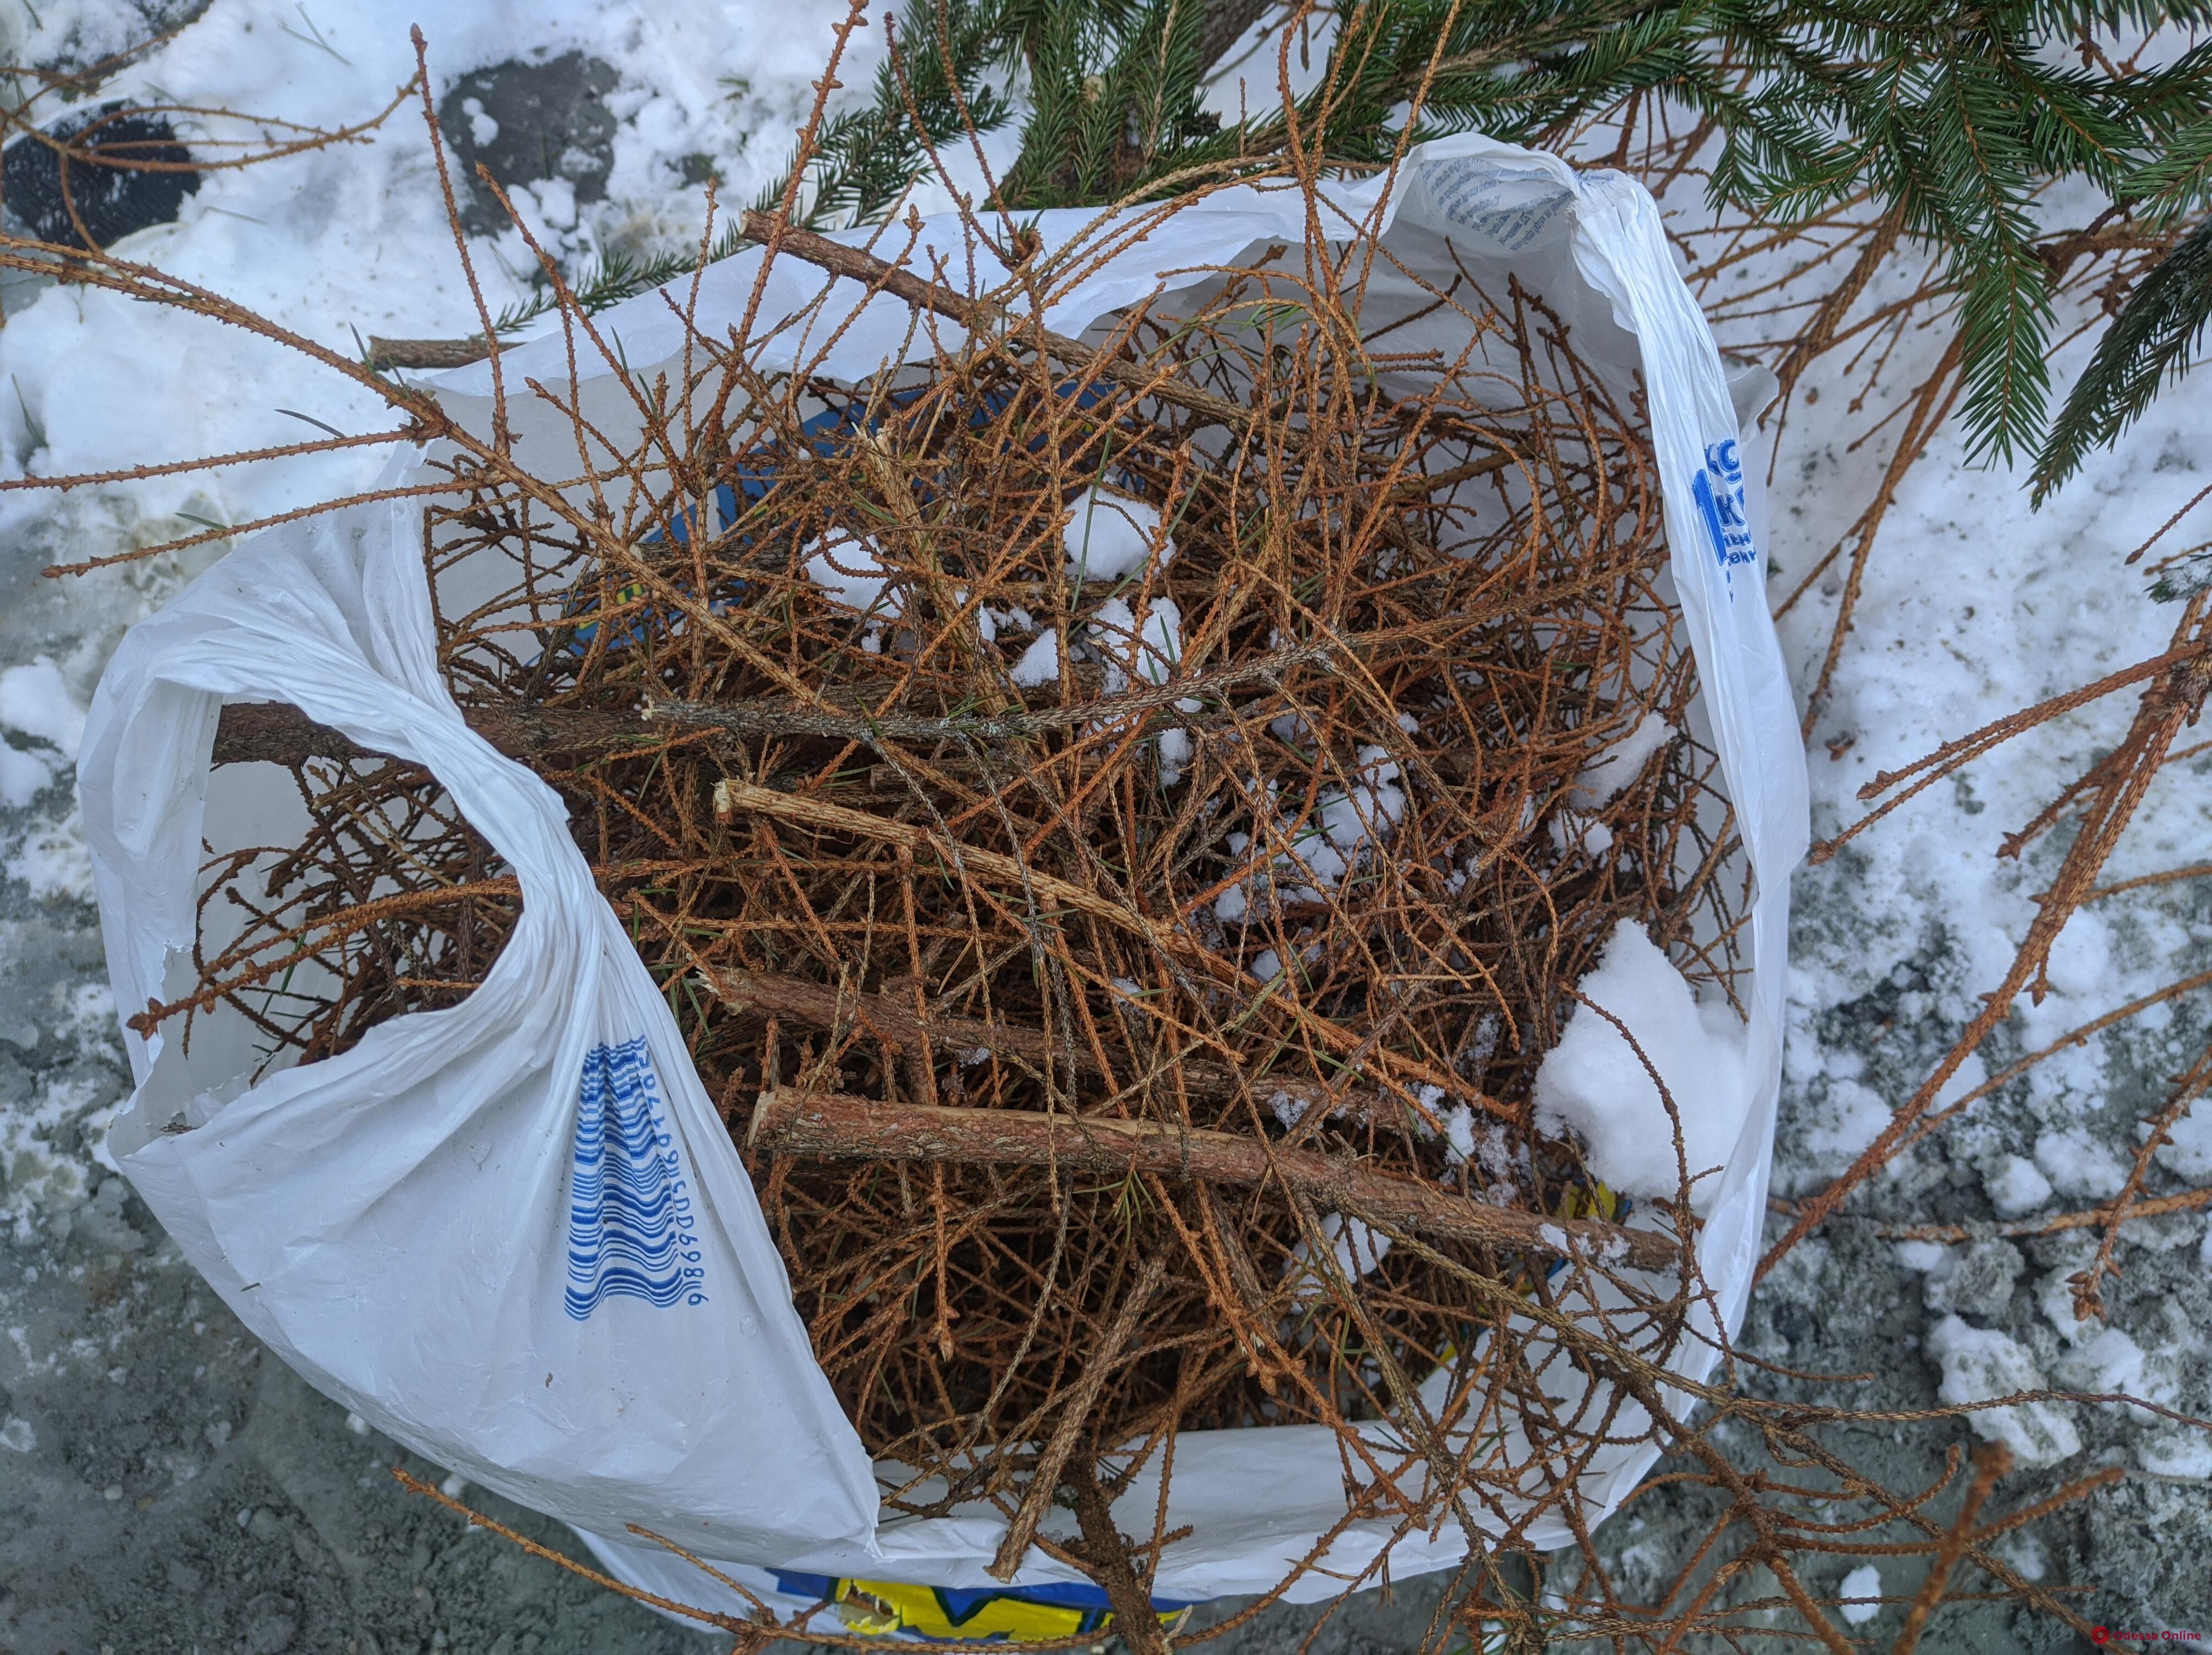 Обменяй елку на конфету: одесситы несут деревья на переработку (фото)